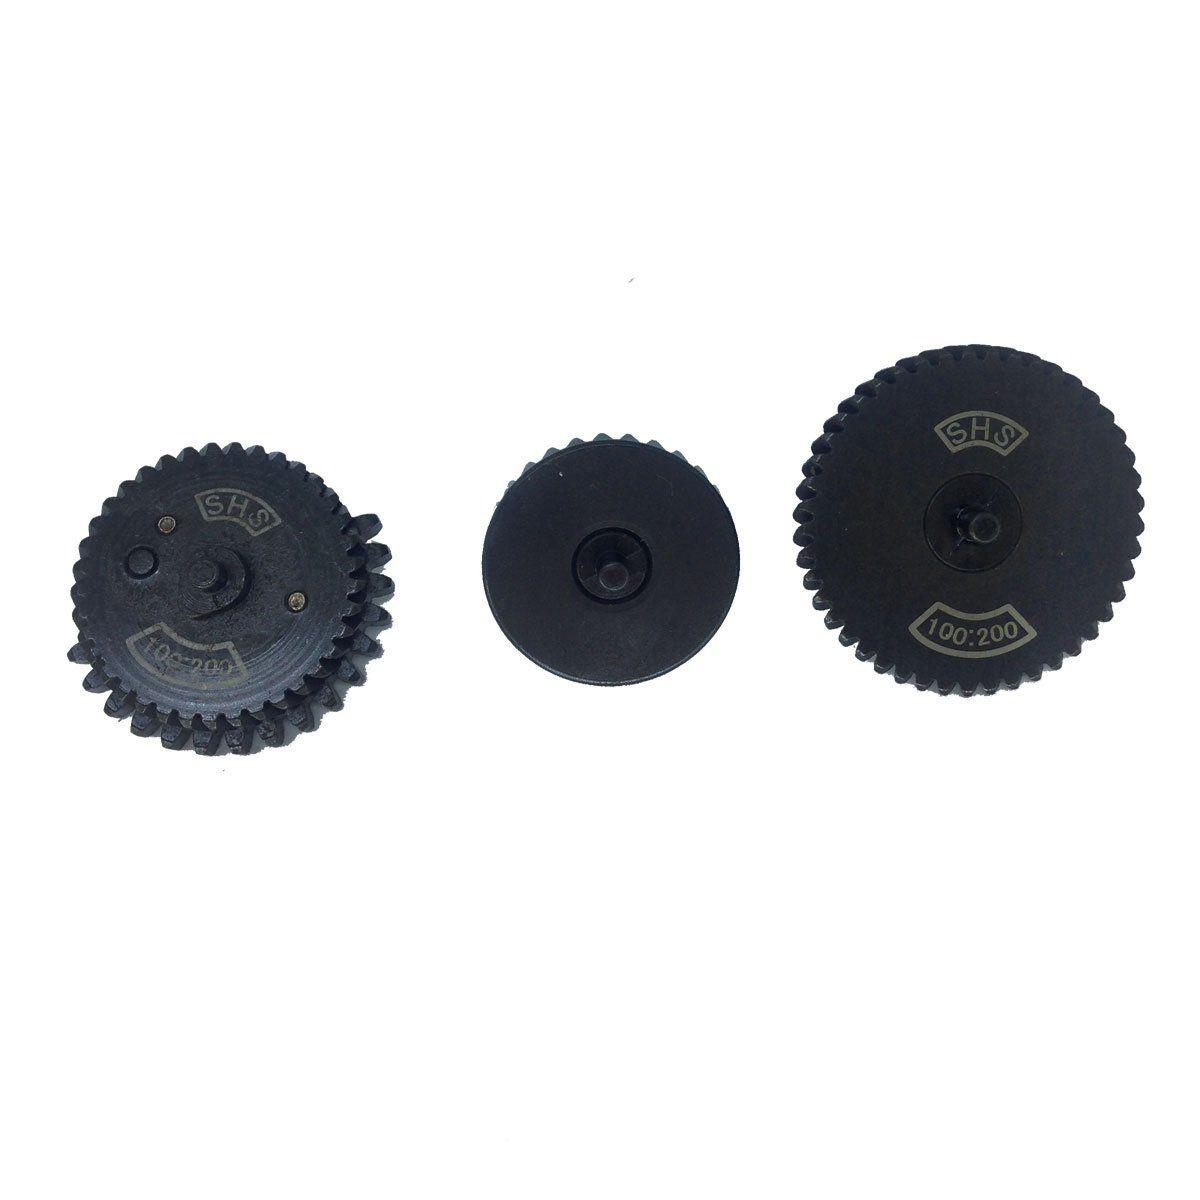 Conjunto de Engrenagem 100:200 Alto Torque Aço SHS